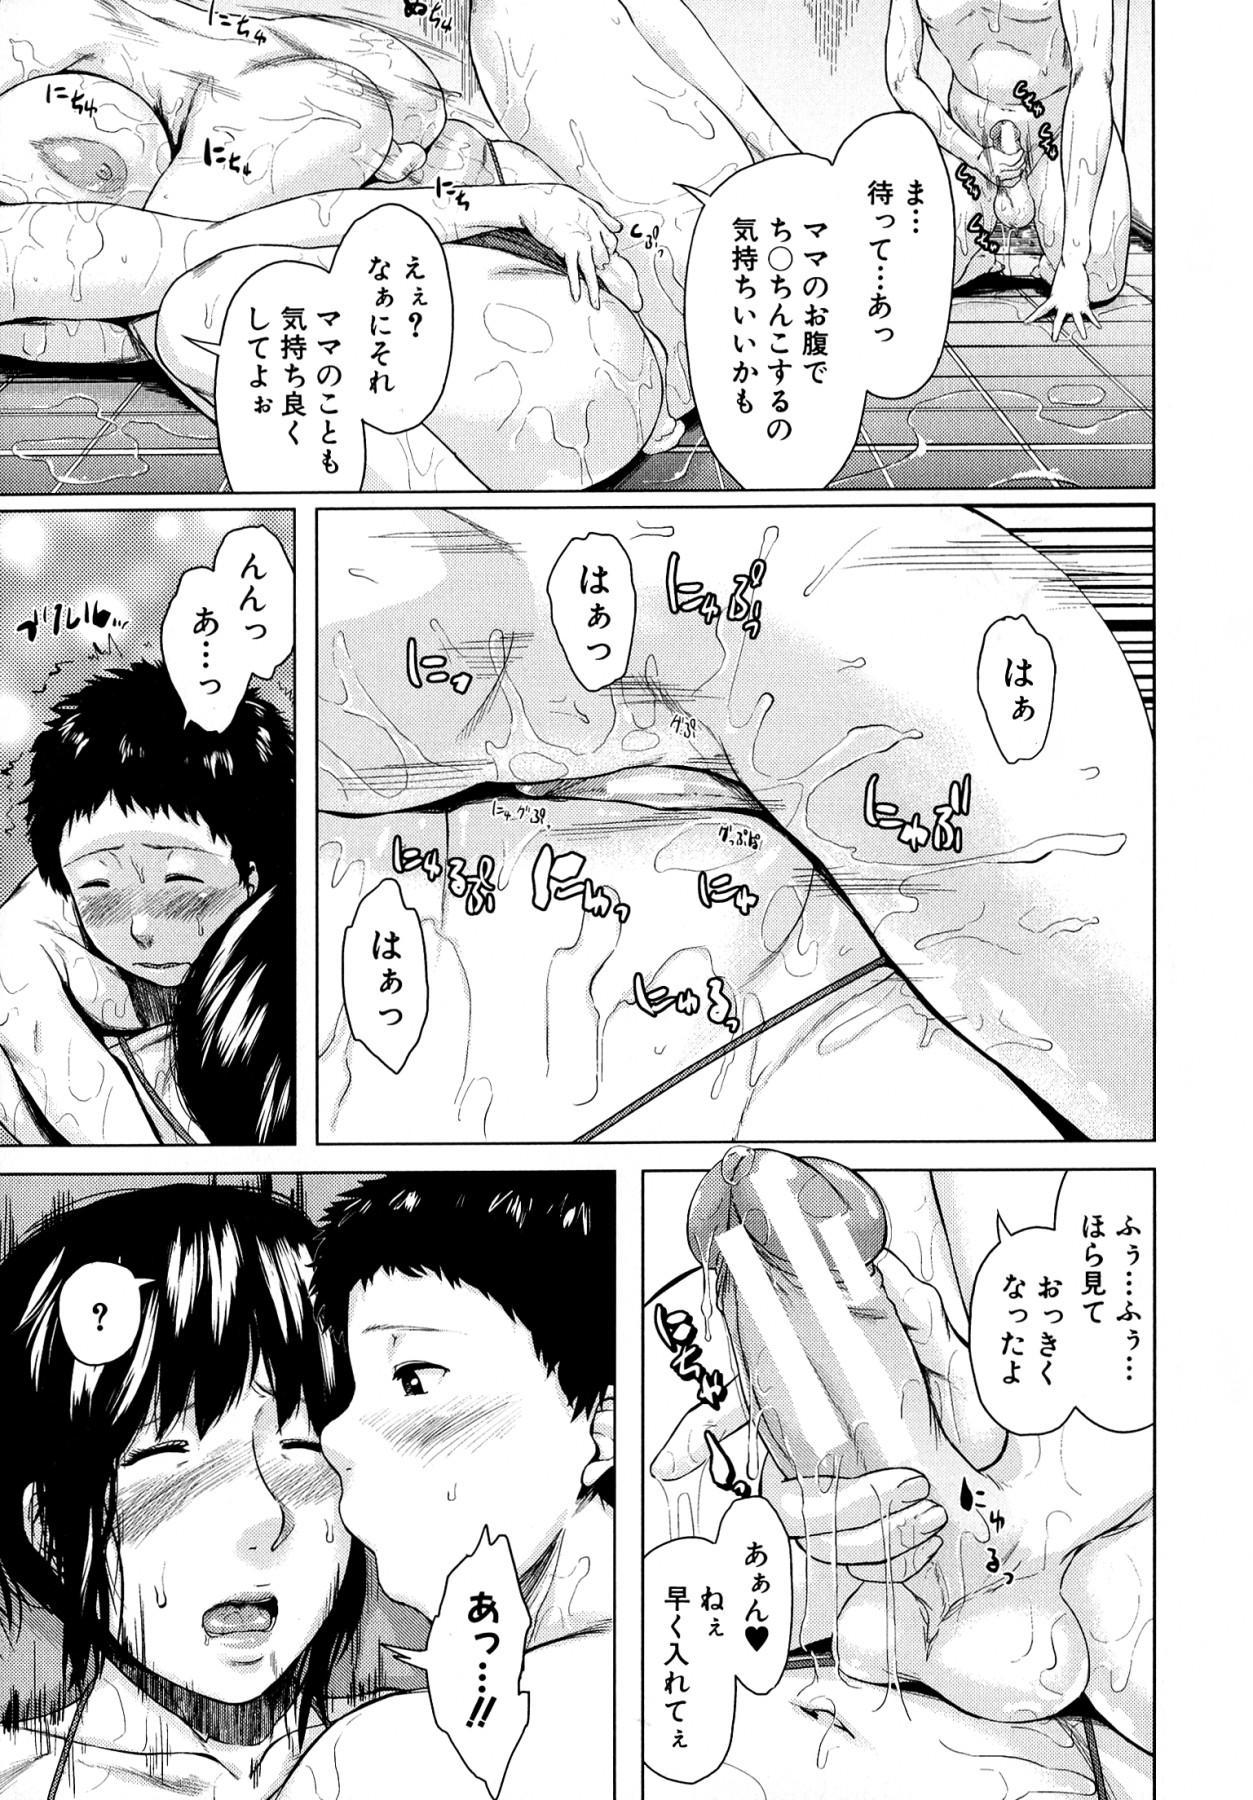 Koukan Musuko 96